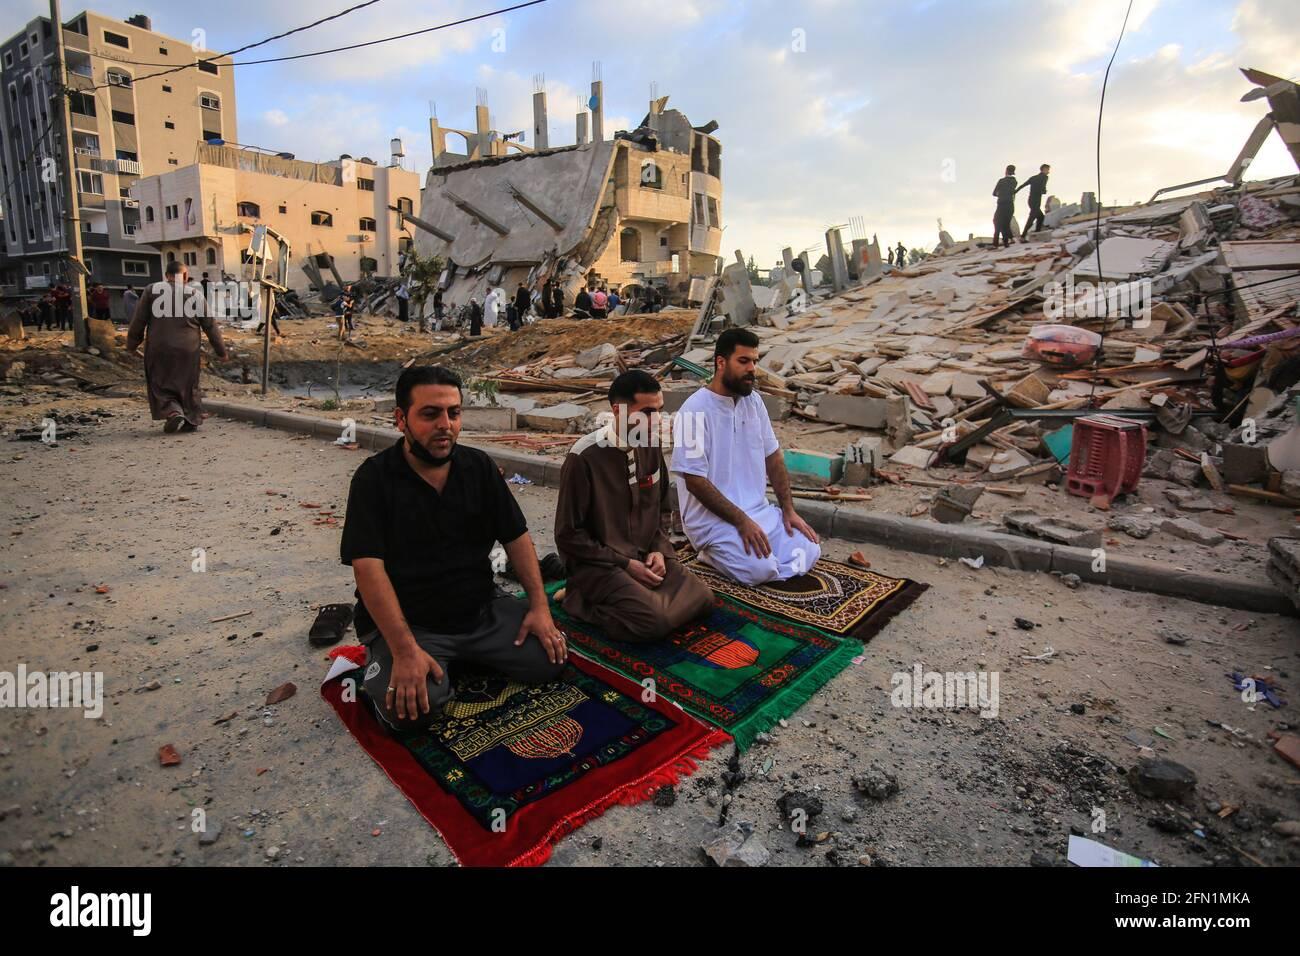 La striscia di Gaza, la Palestina, la Palestina. 13 maggio 2021. Città di Gaza dopo una notte pesante di bombardamenti israeliani di aerei da guerra credito: Mahmoud Khattab/Quds Net News/ZUMA Wire/Alamy Live News Foto Stock